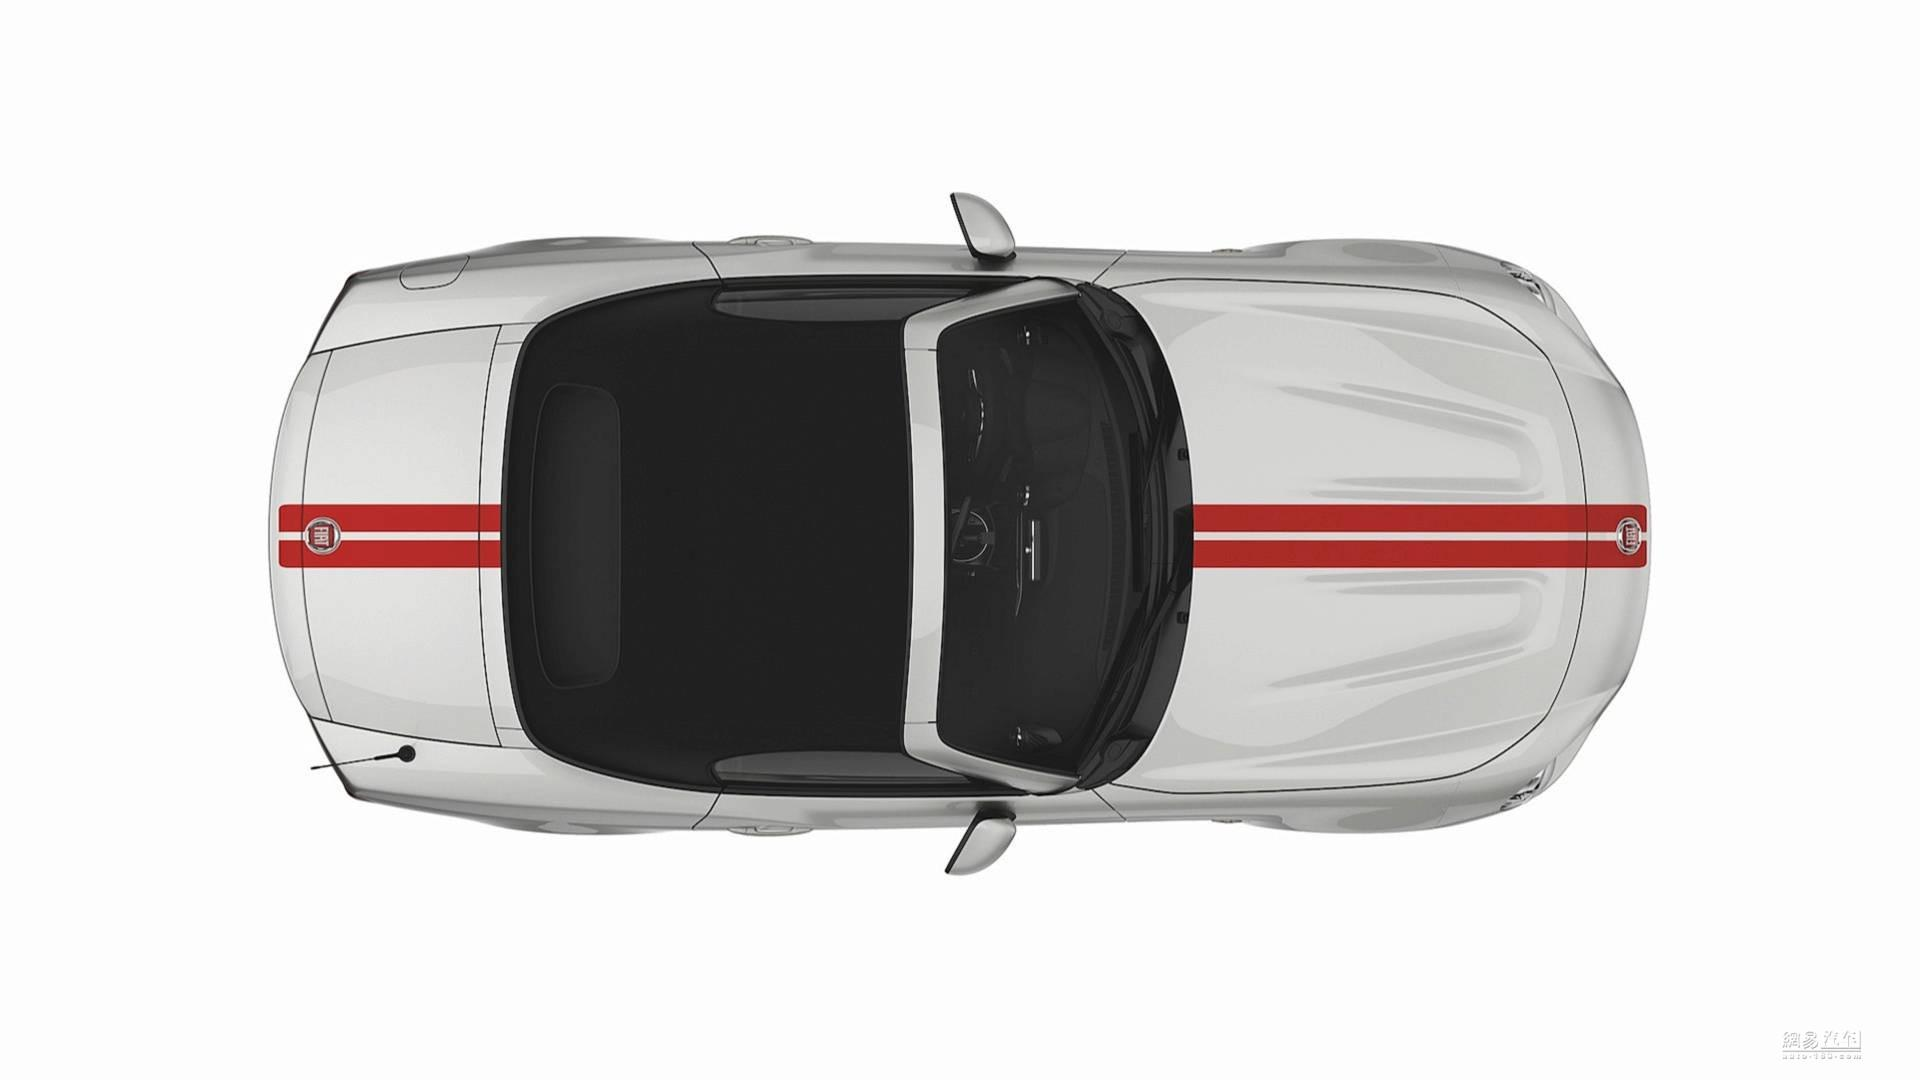 新款菲亚特124 Spider更响亮 但不快也不强